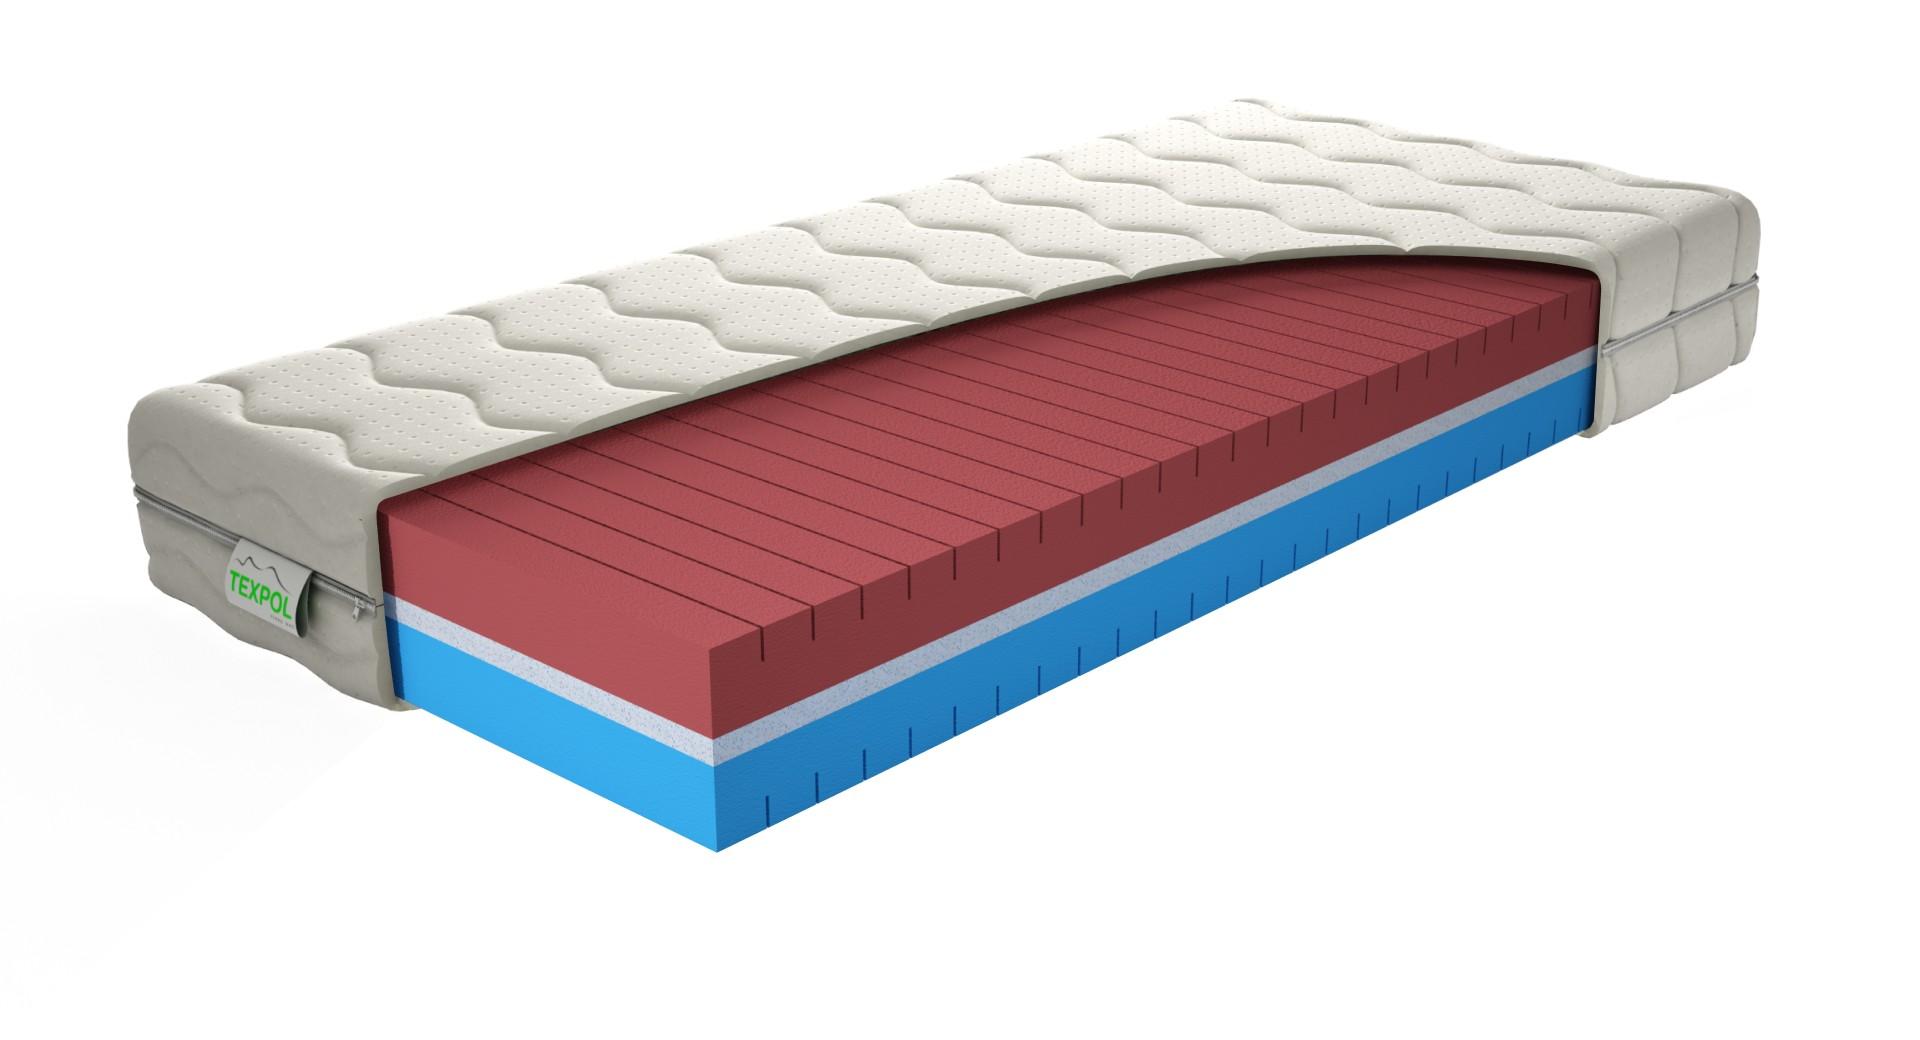 Texpol TARA - komfortný matrac s úpravou proti poteniu a s poťahom Tencel 90 x 195 cm, snímateľný poťah